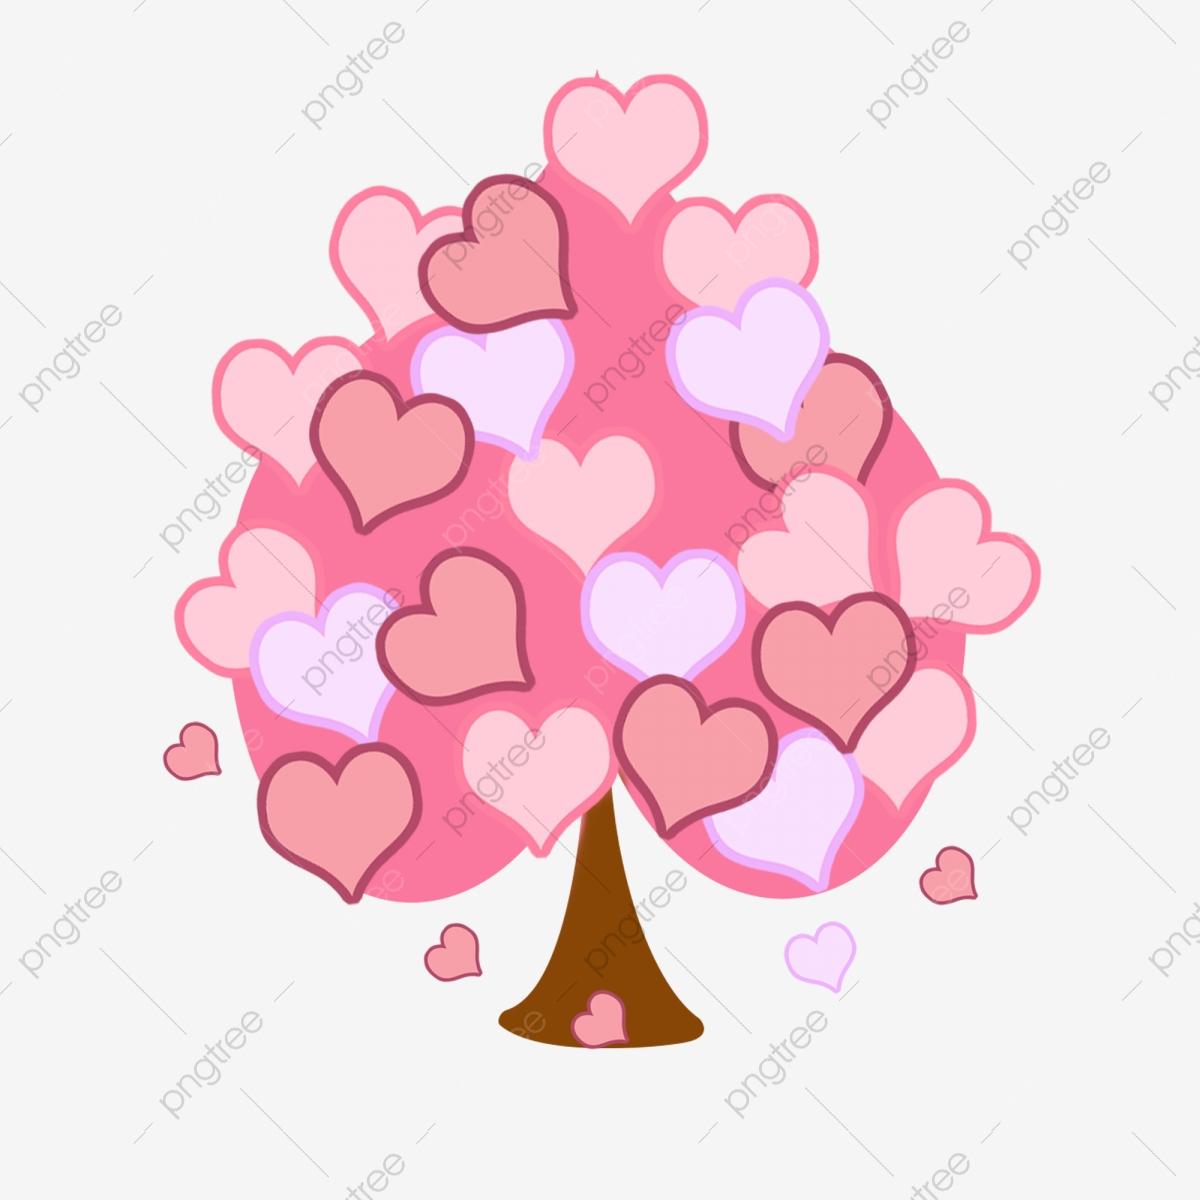 Dessiné À La Main Couleur Saint Valentin Dessin Animé dedans Dessin Pour La Saint Valentin